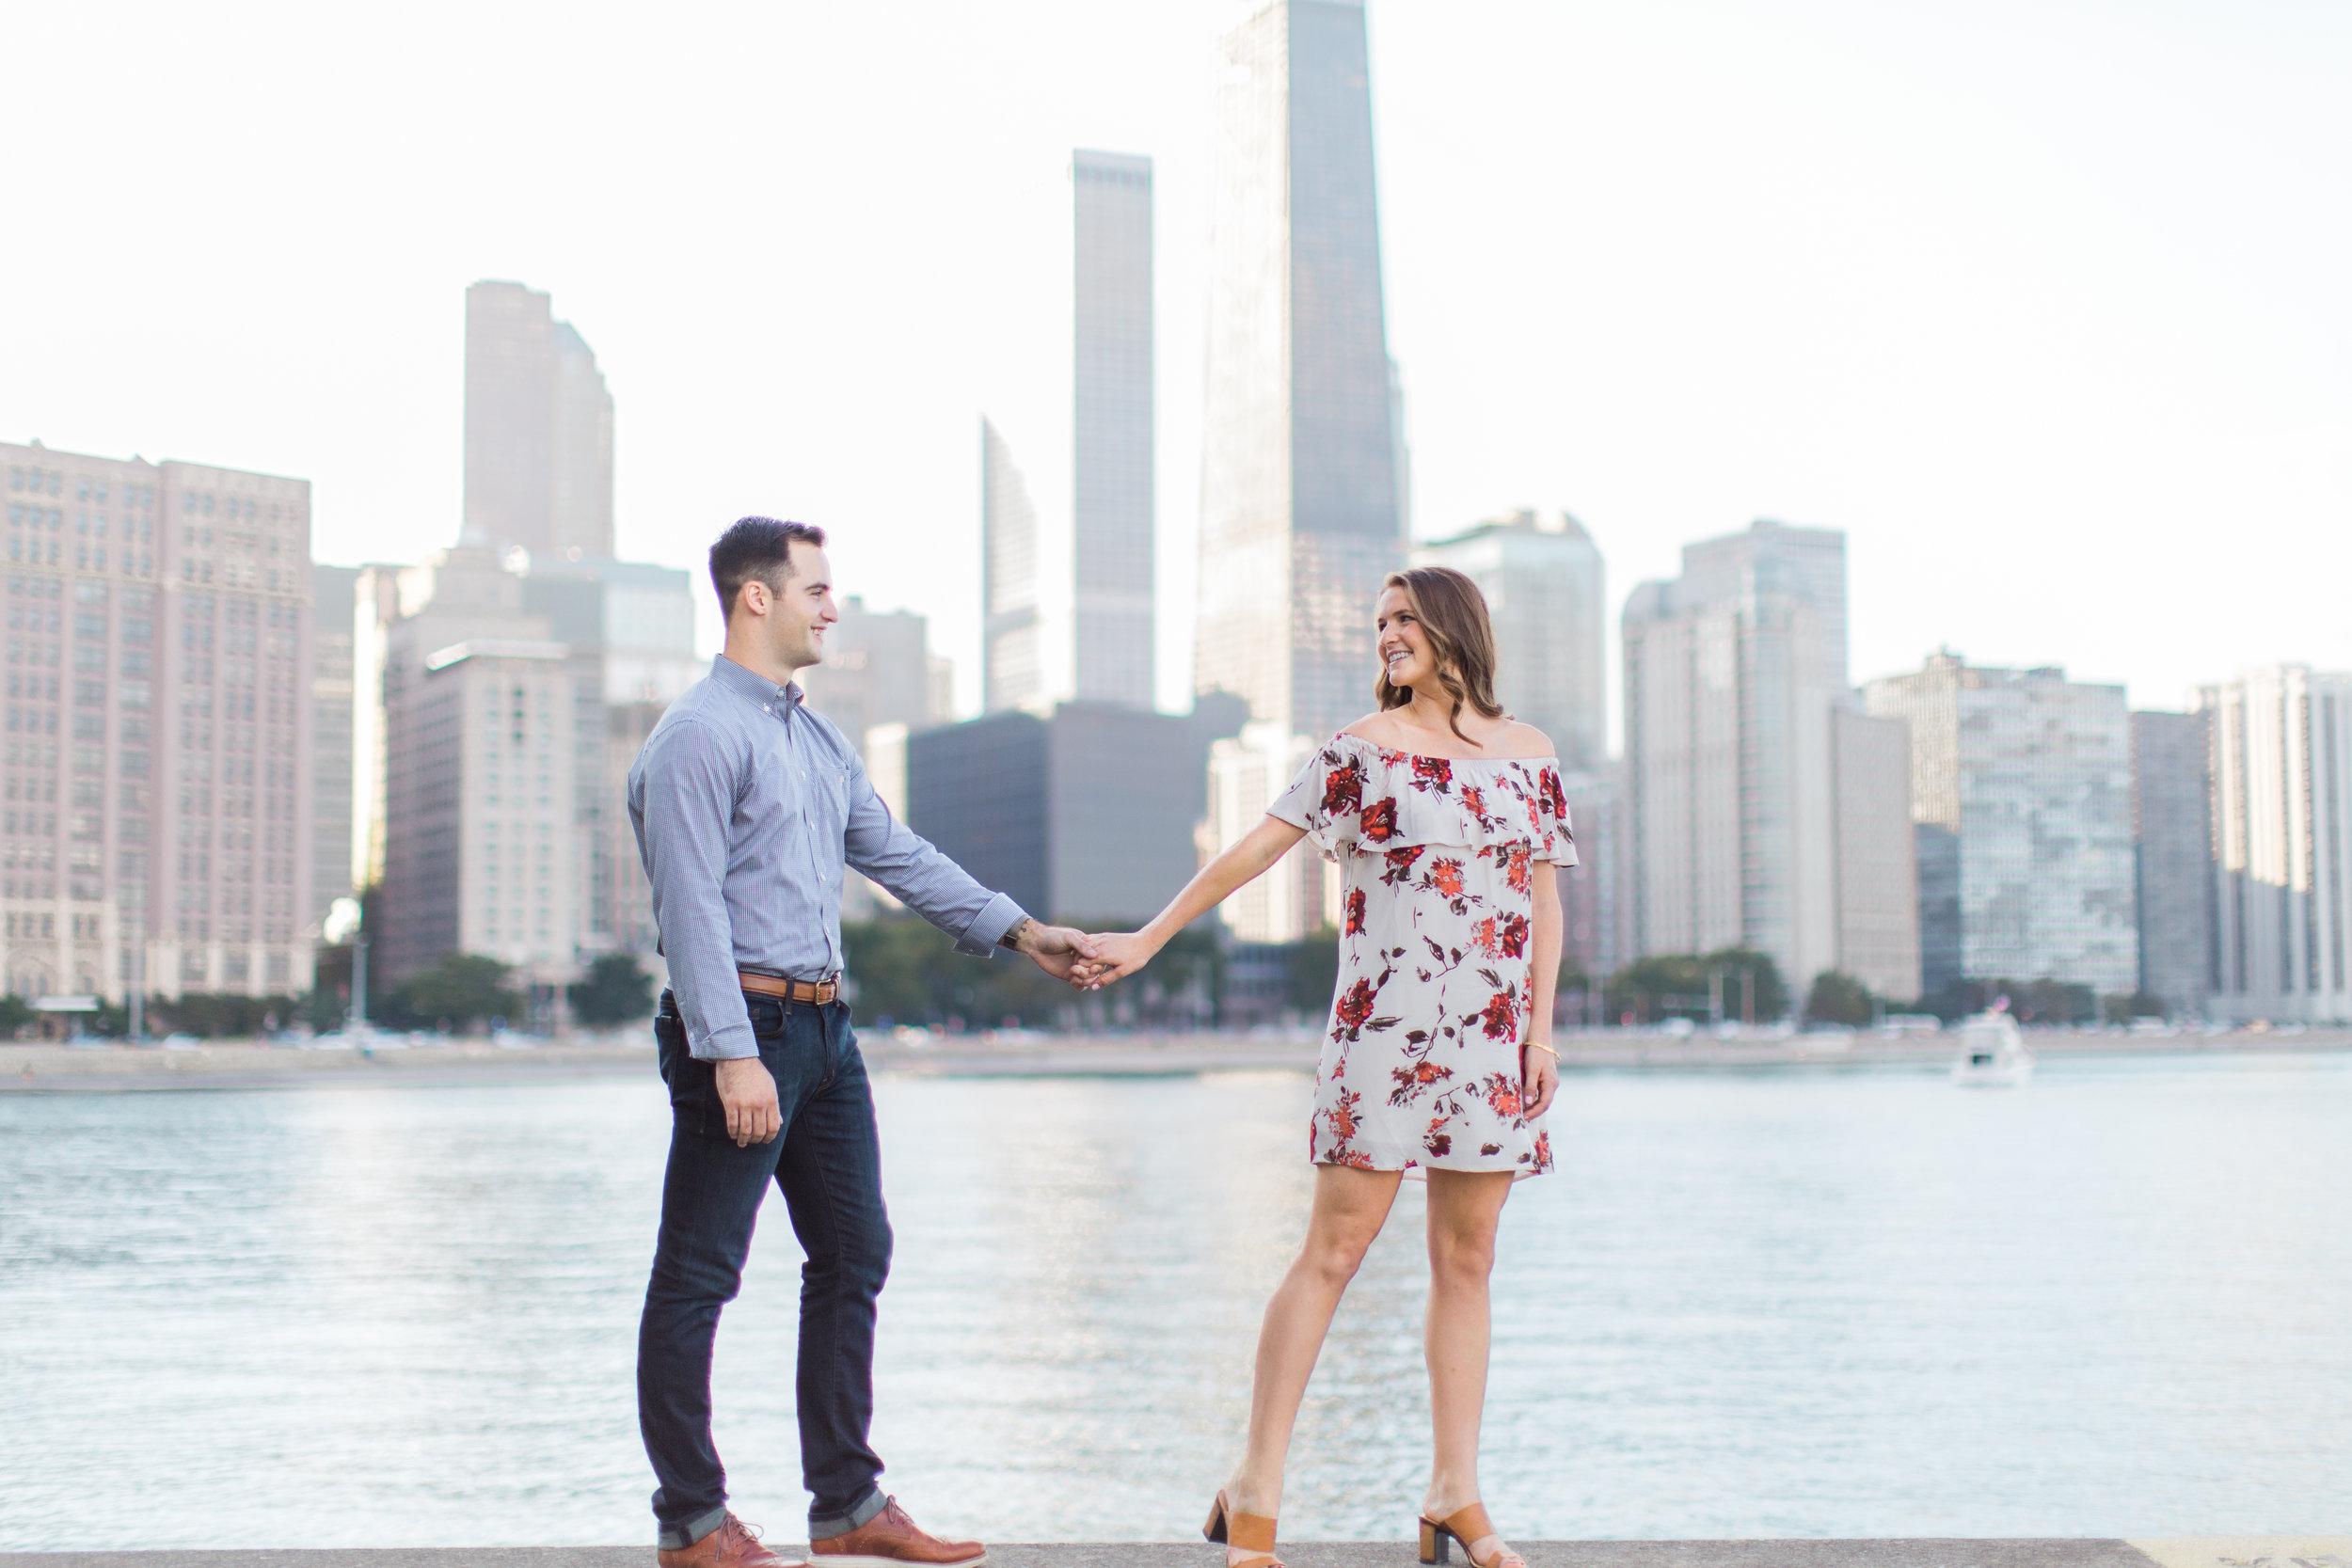 Bonphotage Milton Leee Olive Park Engagement Photograph